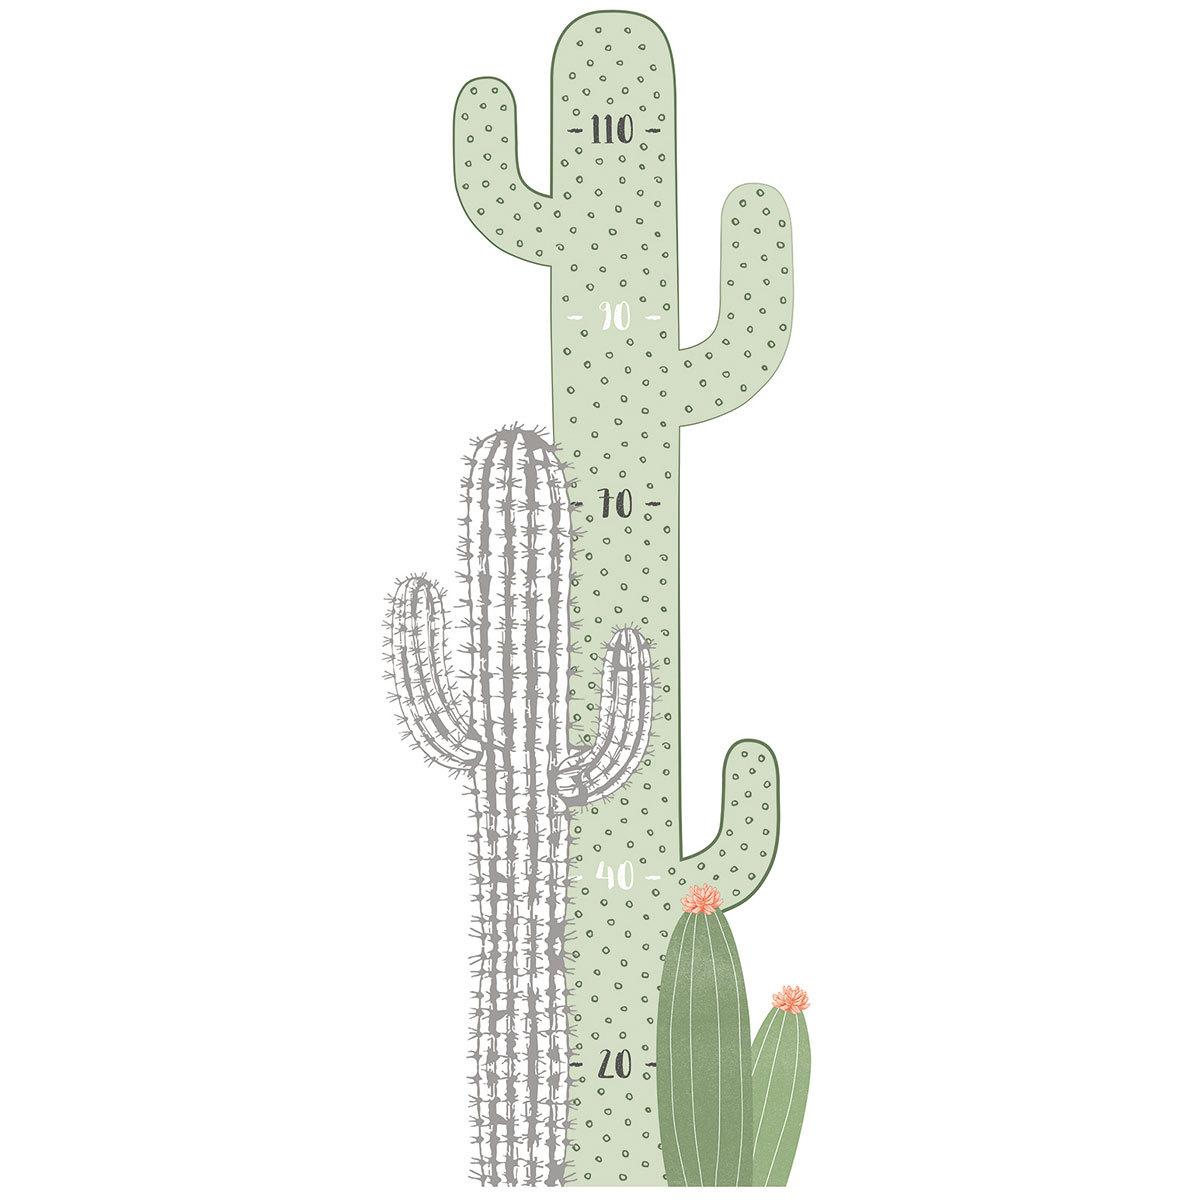 Sticker Wild West - Stickers Toise - Cactus Wild West - Stickers Toise - Cactus